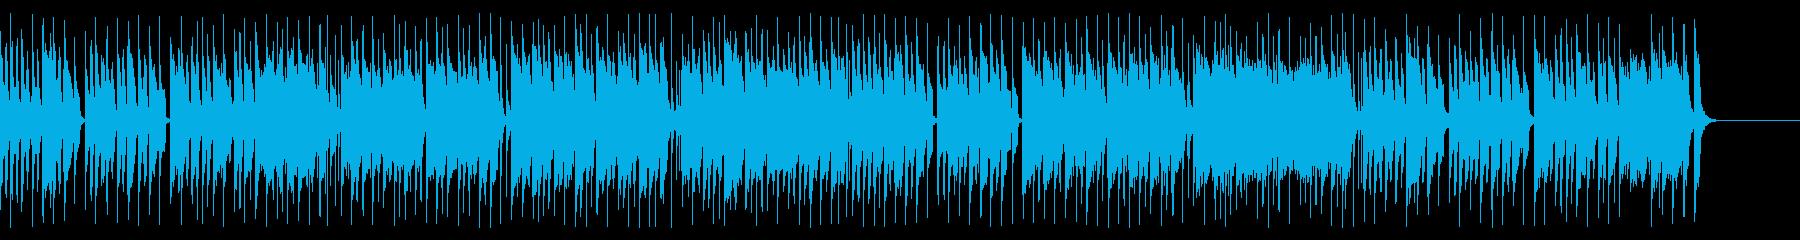 チェンバロとシンセのアップテンポな曲の再生済みの波形